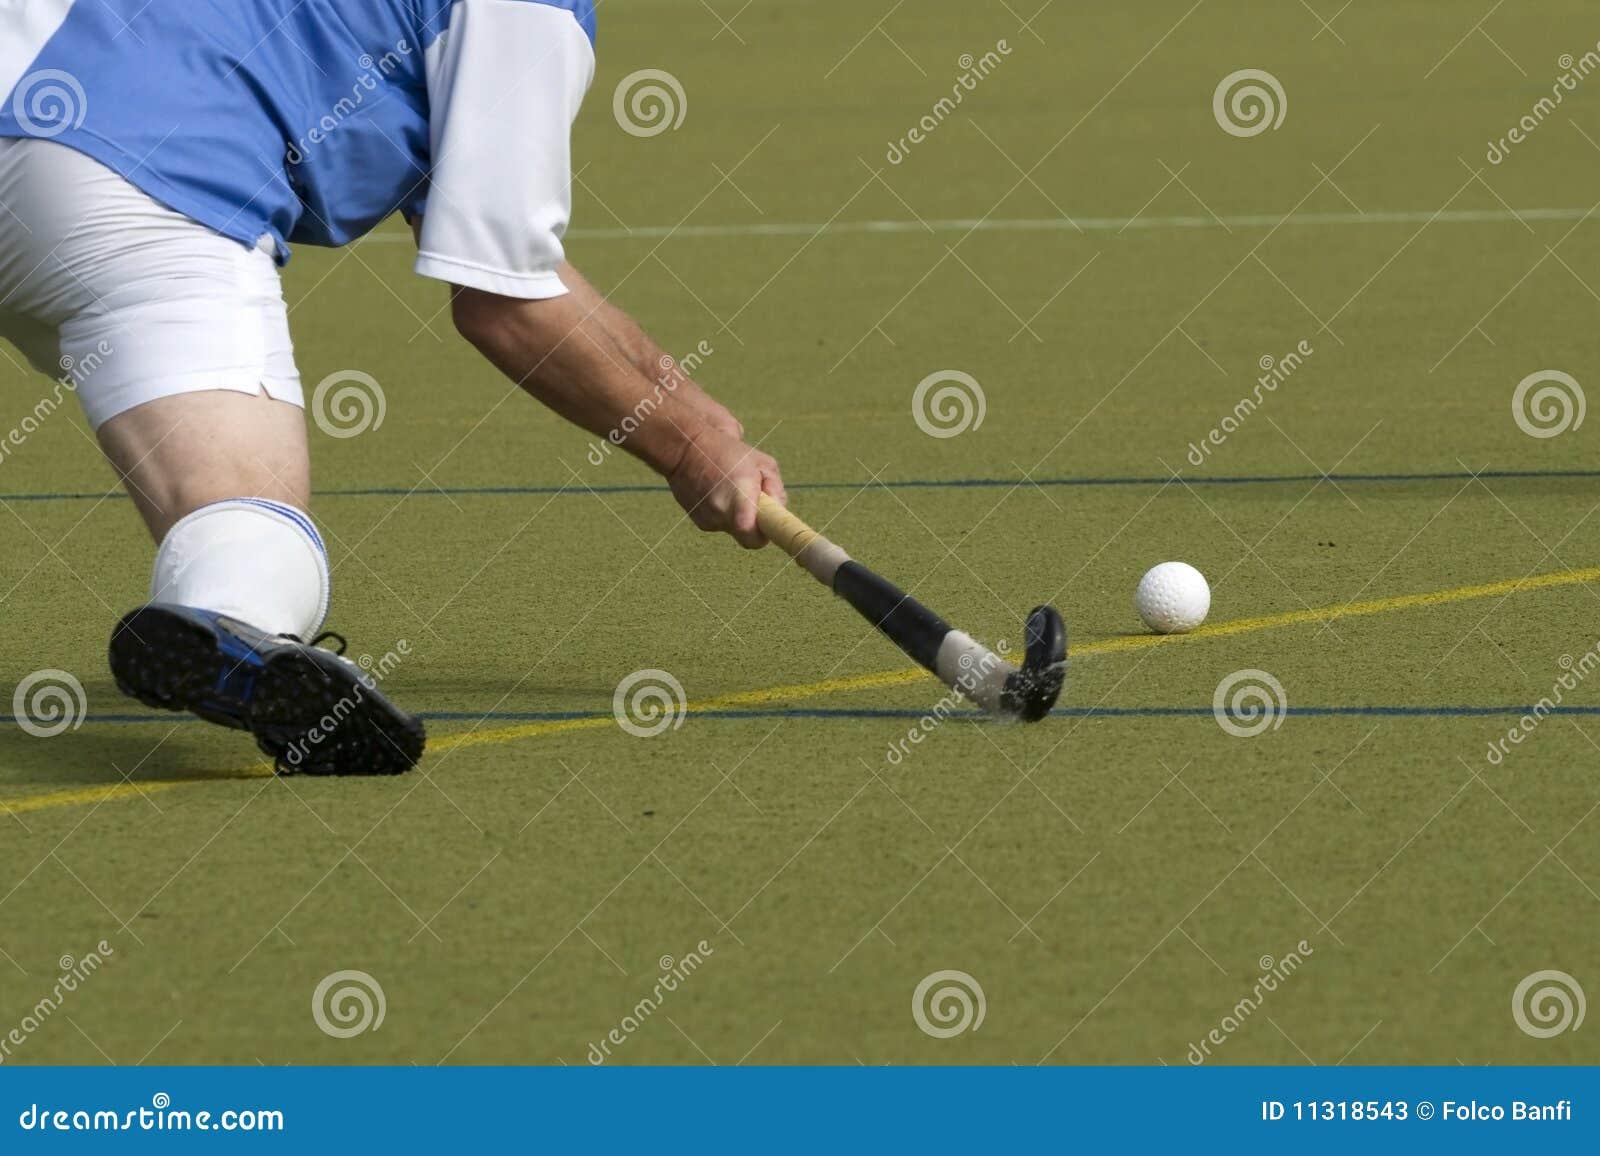 Feld-Hockey-Spieler